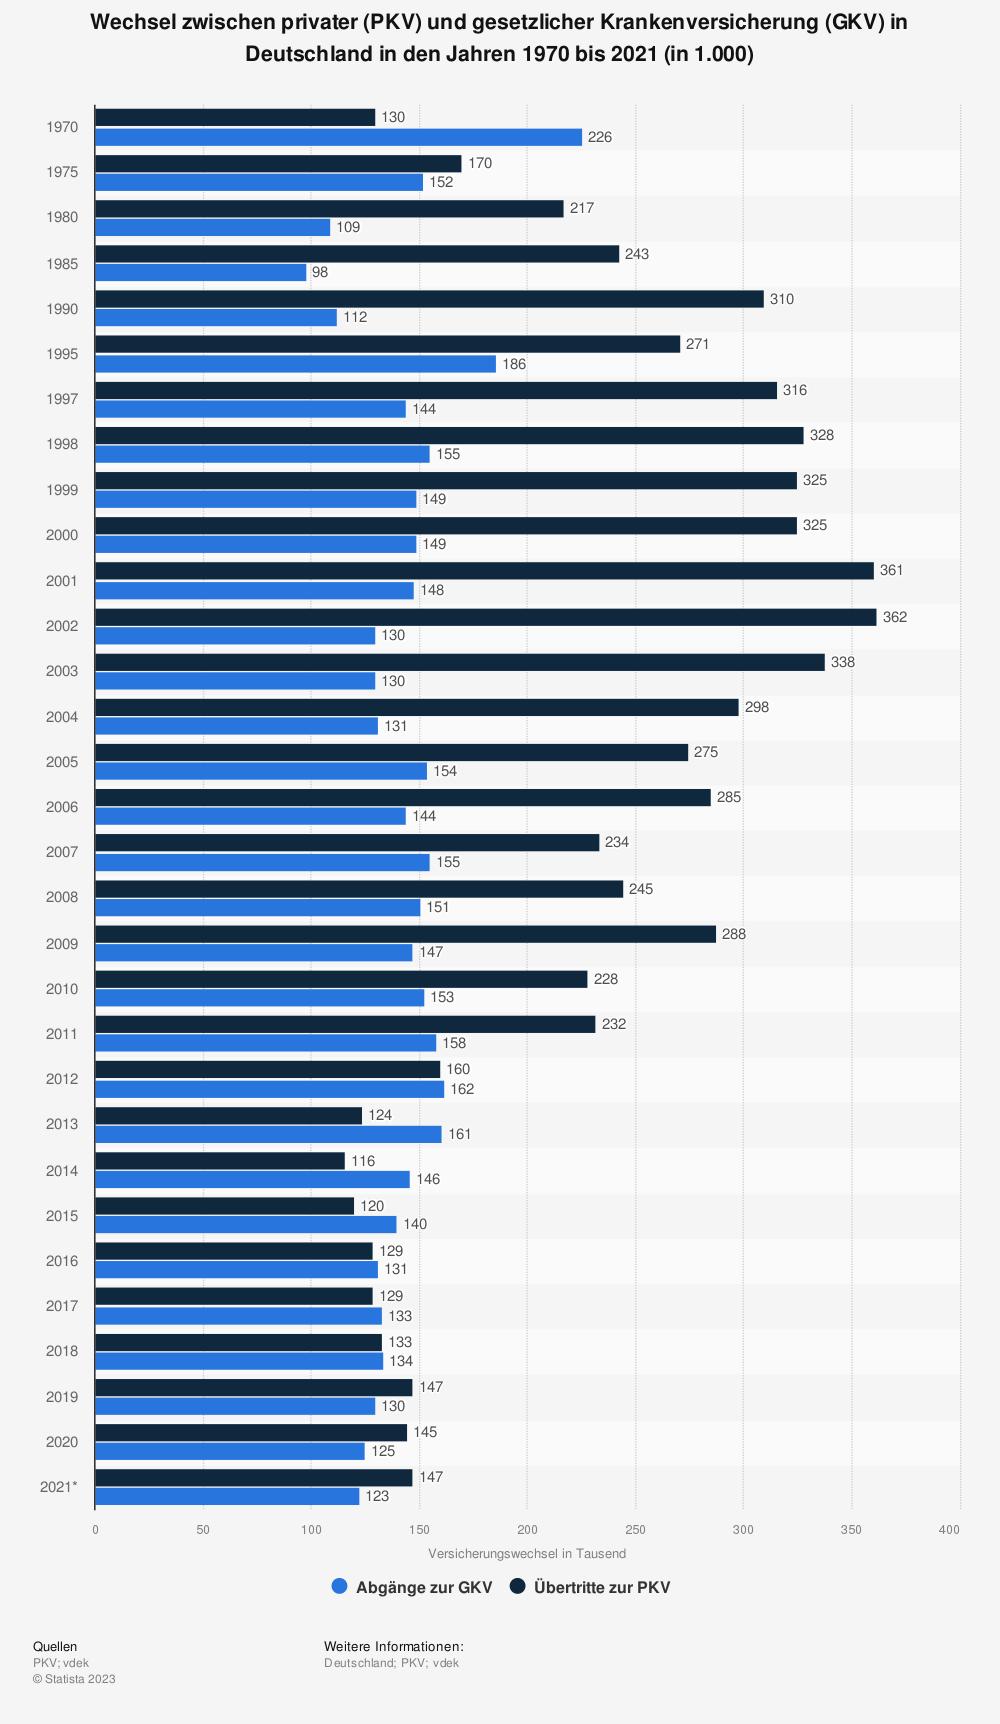 Statistik: Wechsel zwischen privater (PKV) und gesetzlicher Krankenversicherung (GKV) in Deutschland in den Jahren 1970 bis 2012 (in 1.000) | Statista